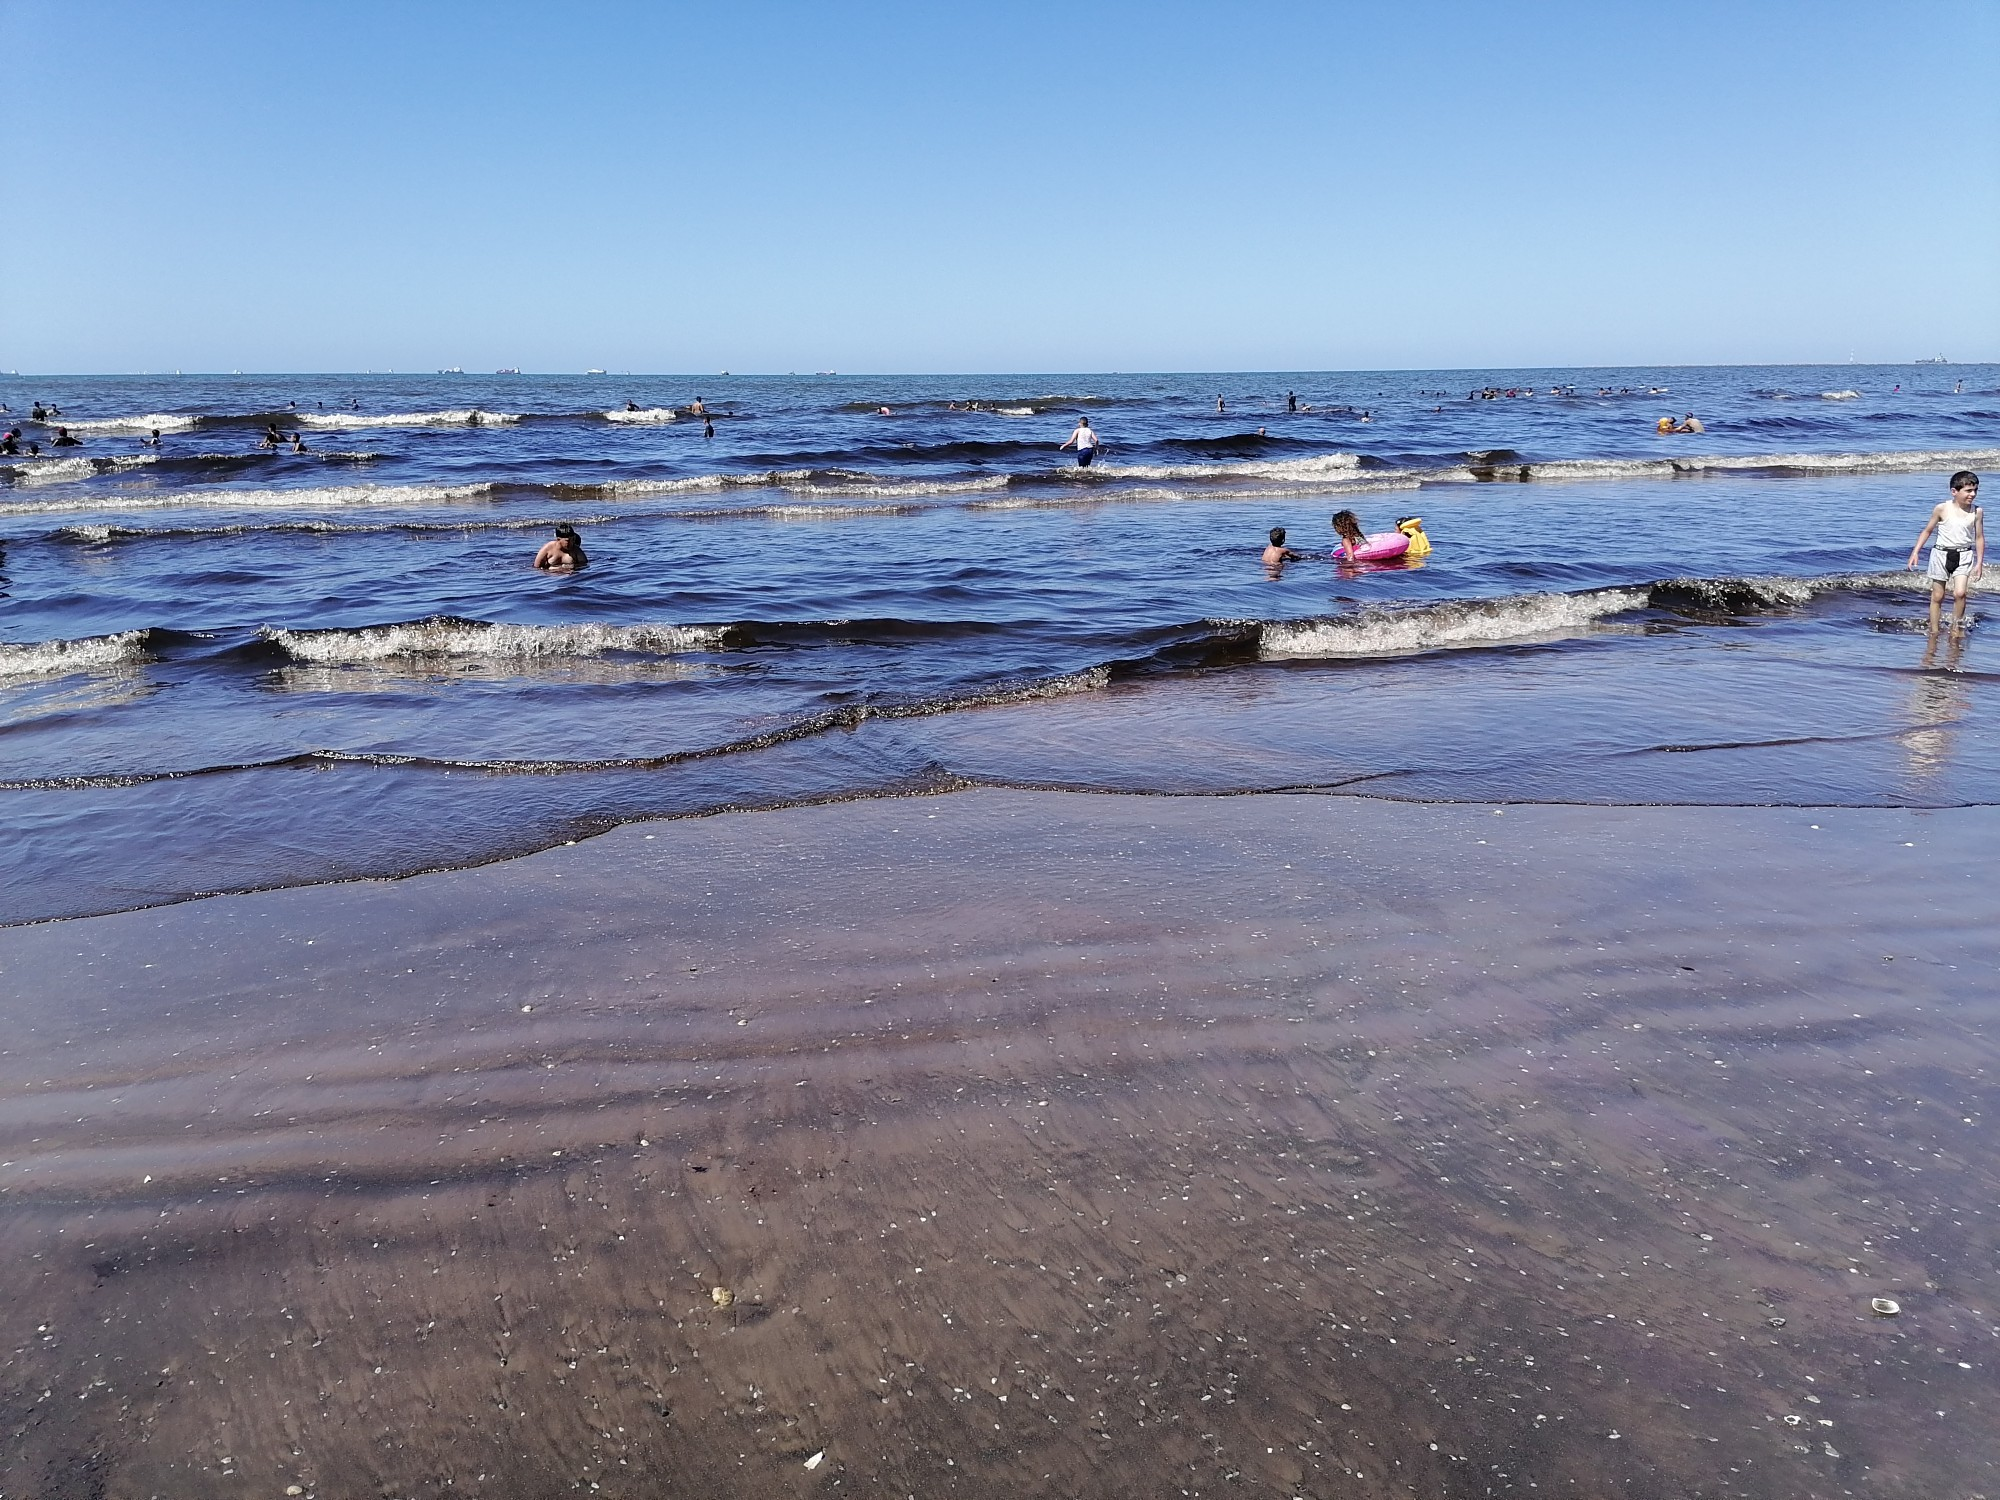 تحول مياه البحر للأسود